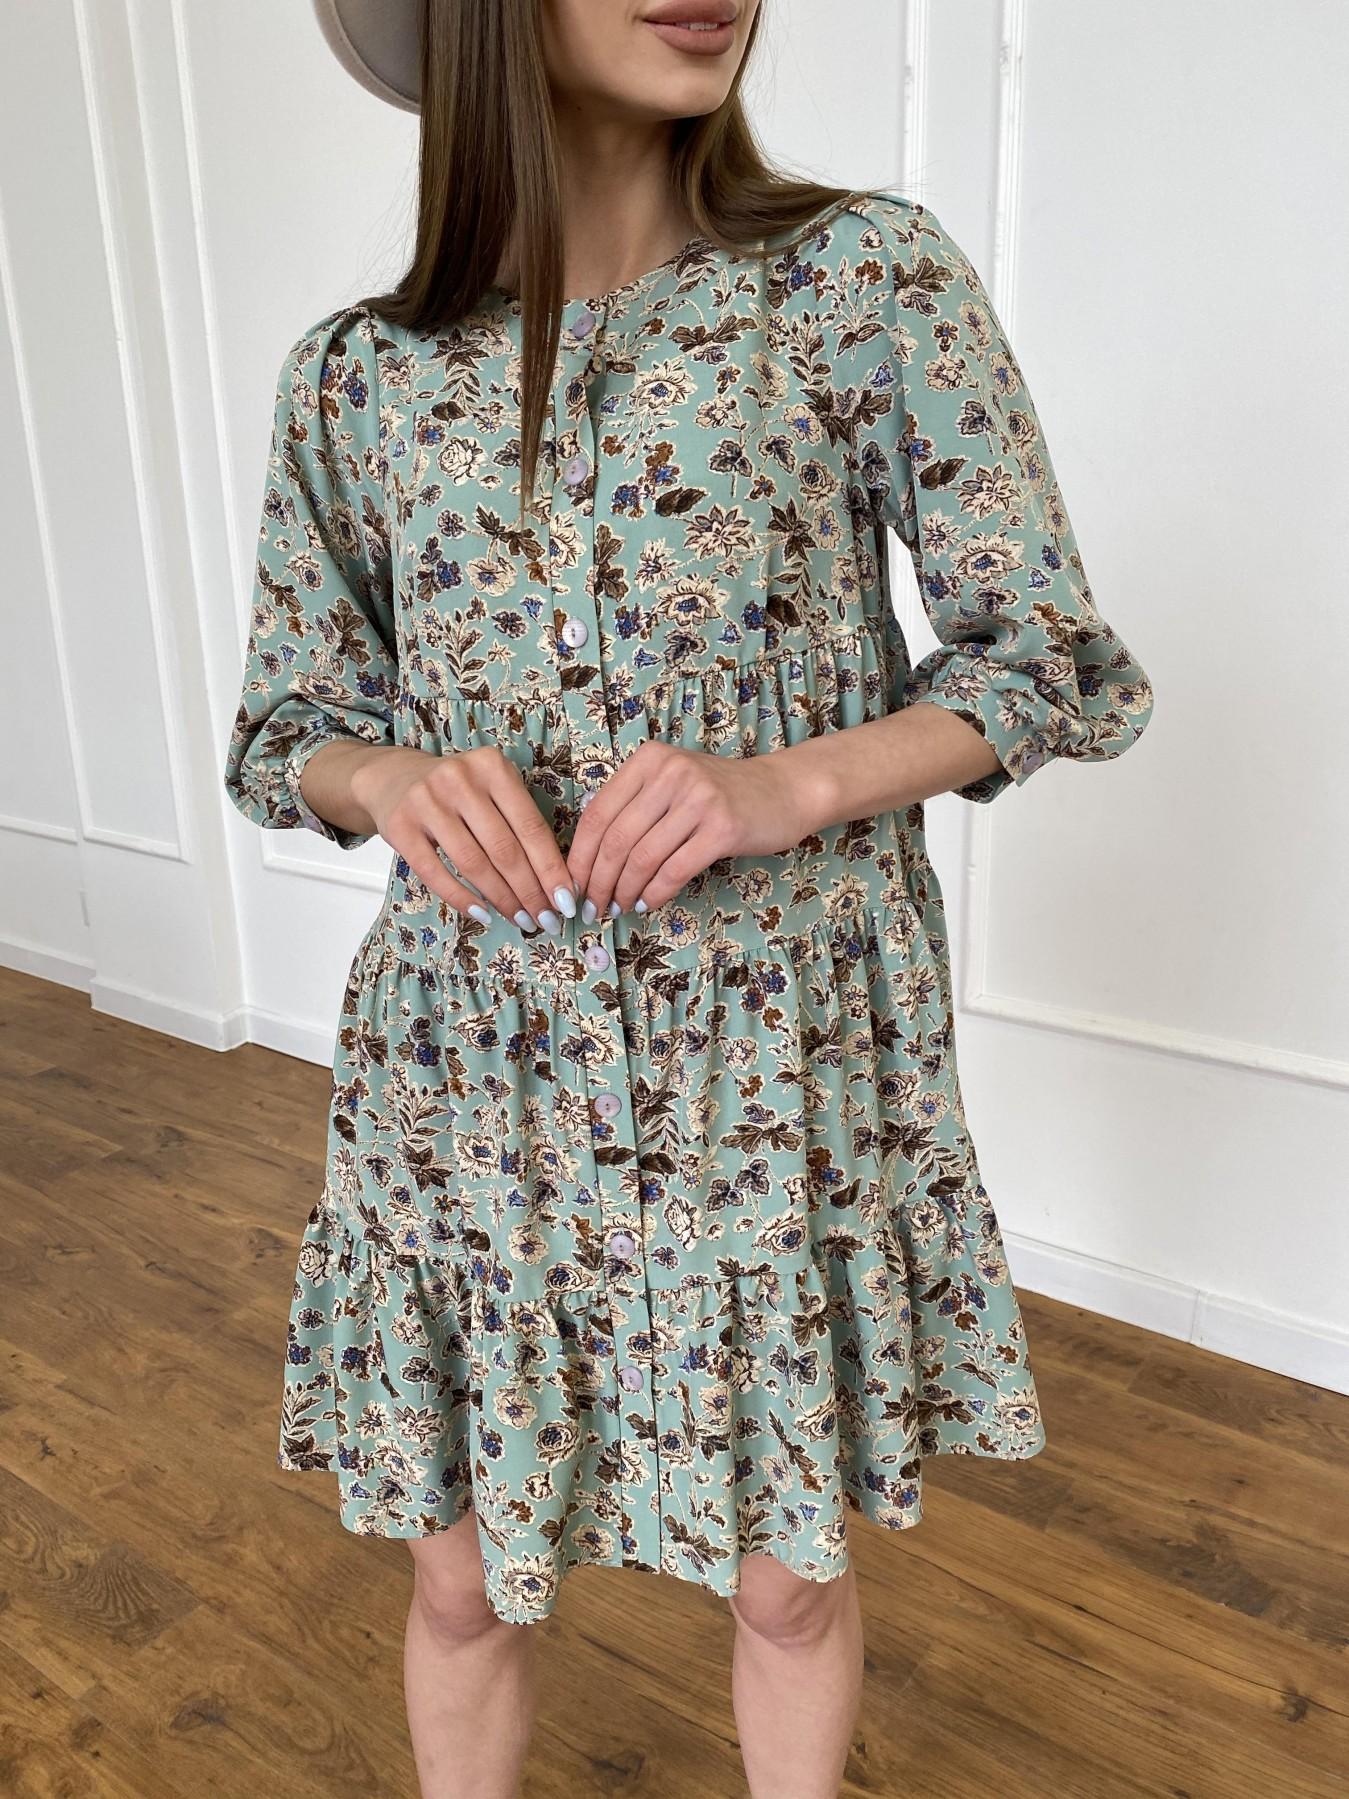 Берри платье из ткани софт в принт 11211 АРТ. 47722 Цвет: Олива/бежевый, Цветы - фото 10, интернет магазин tm-modus.ru